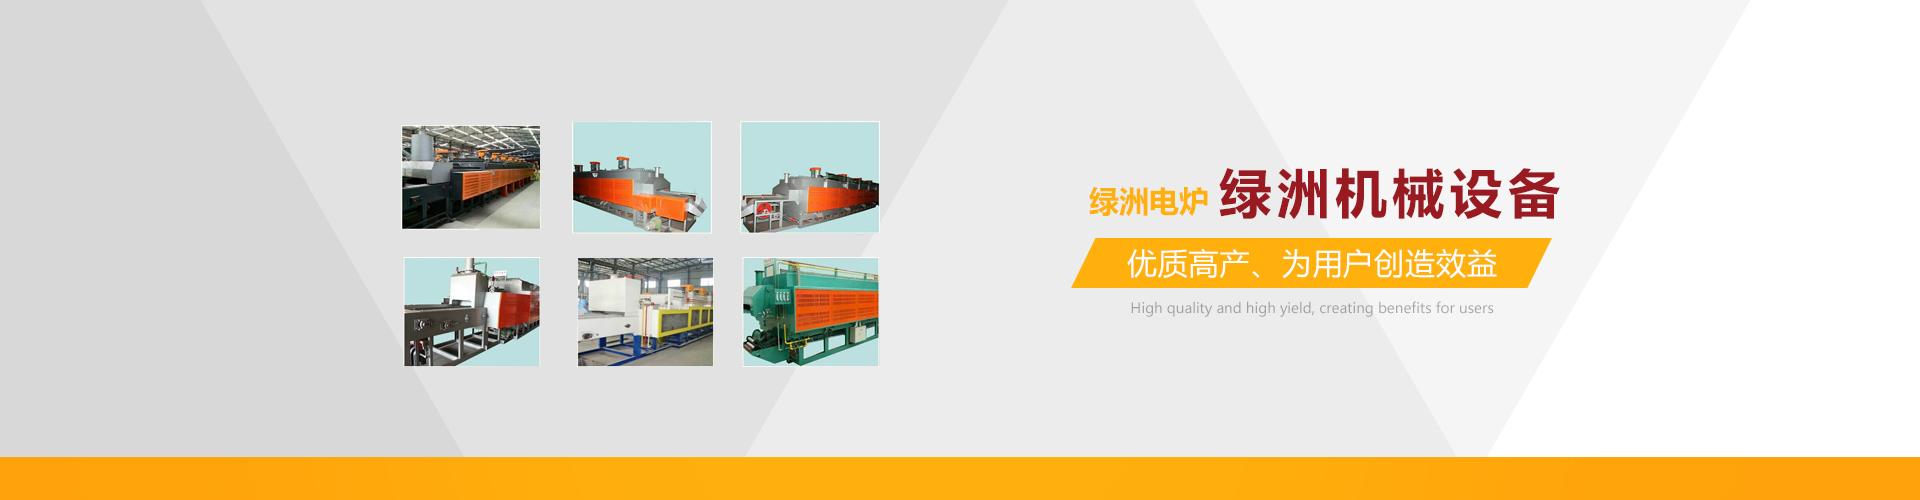 苏州绿洲机械设备有限公司